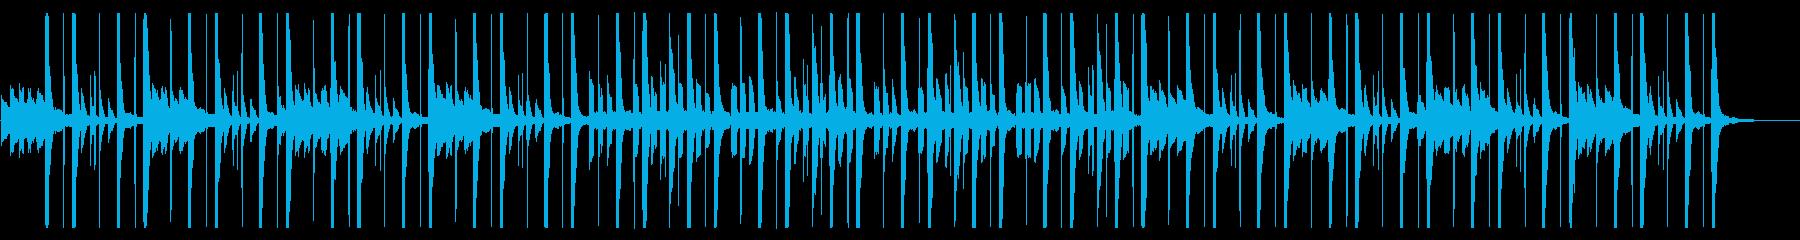 深夜の眠たくなるようなヒーリング曲の再生済みの波形